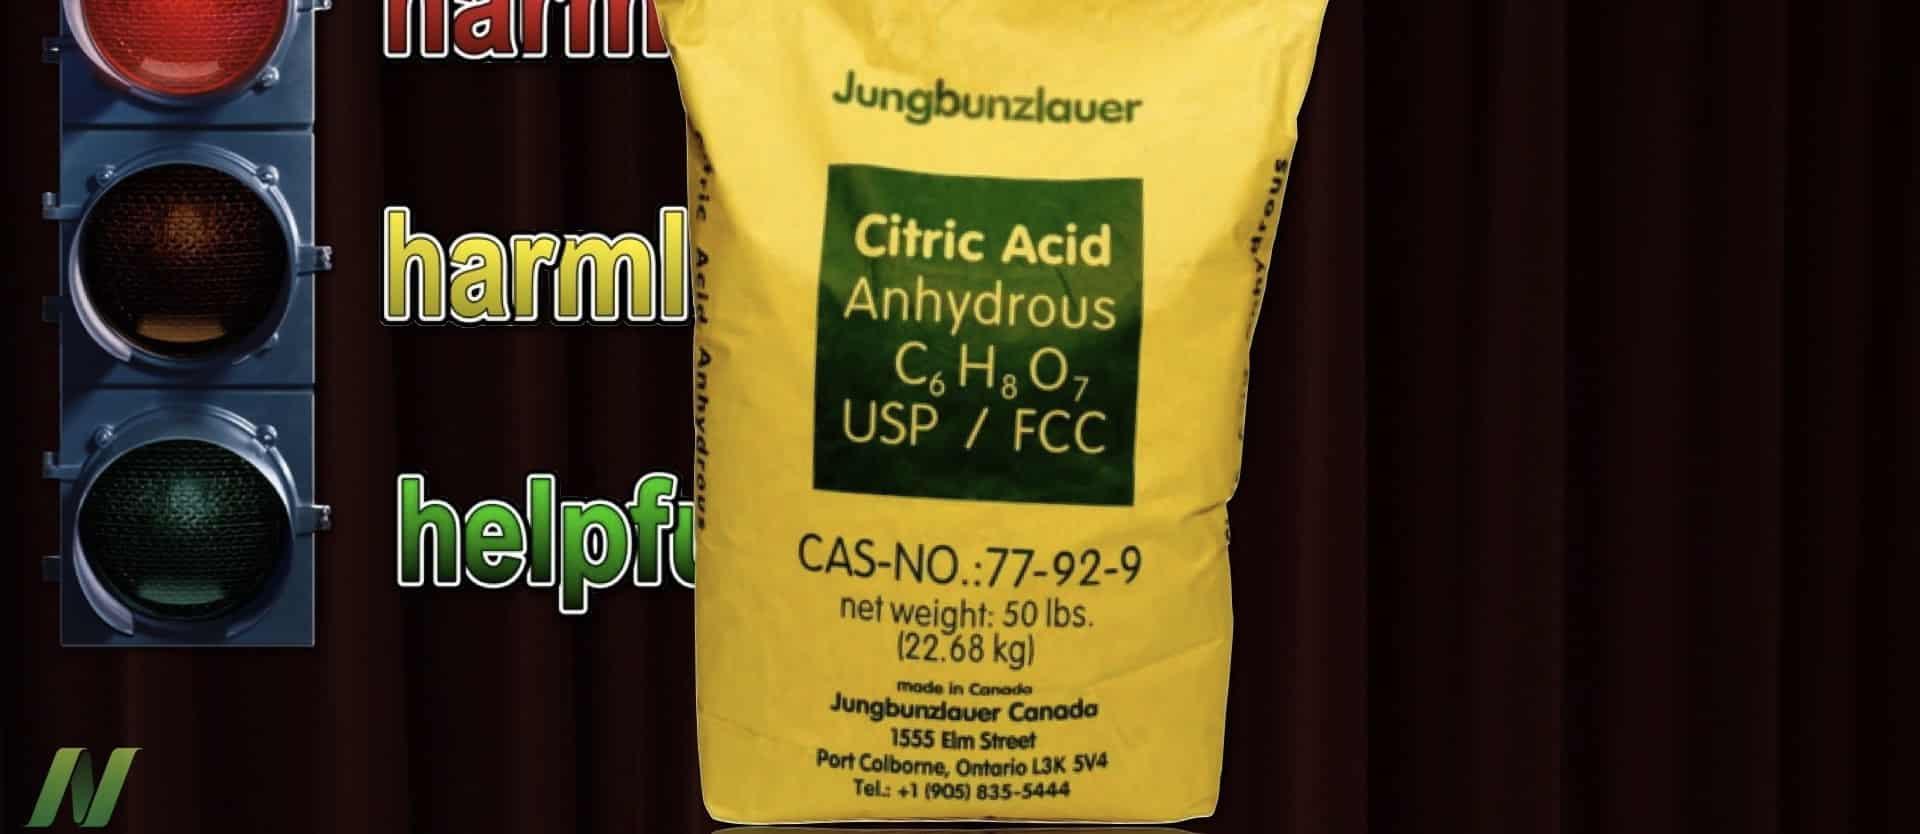 Is Citric Acid Harmful?